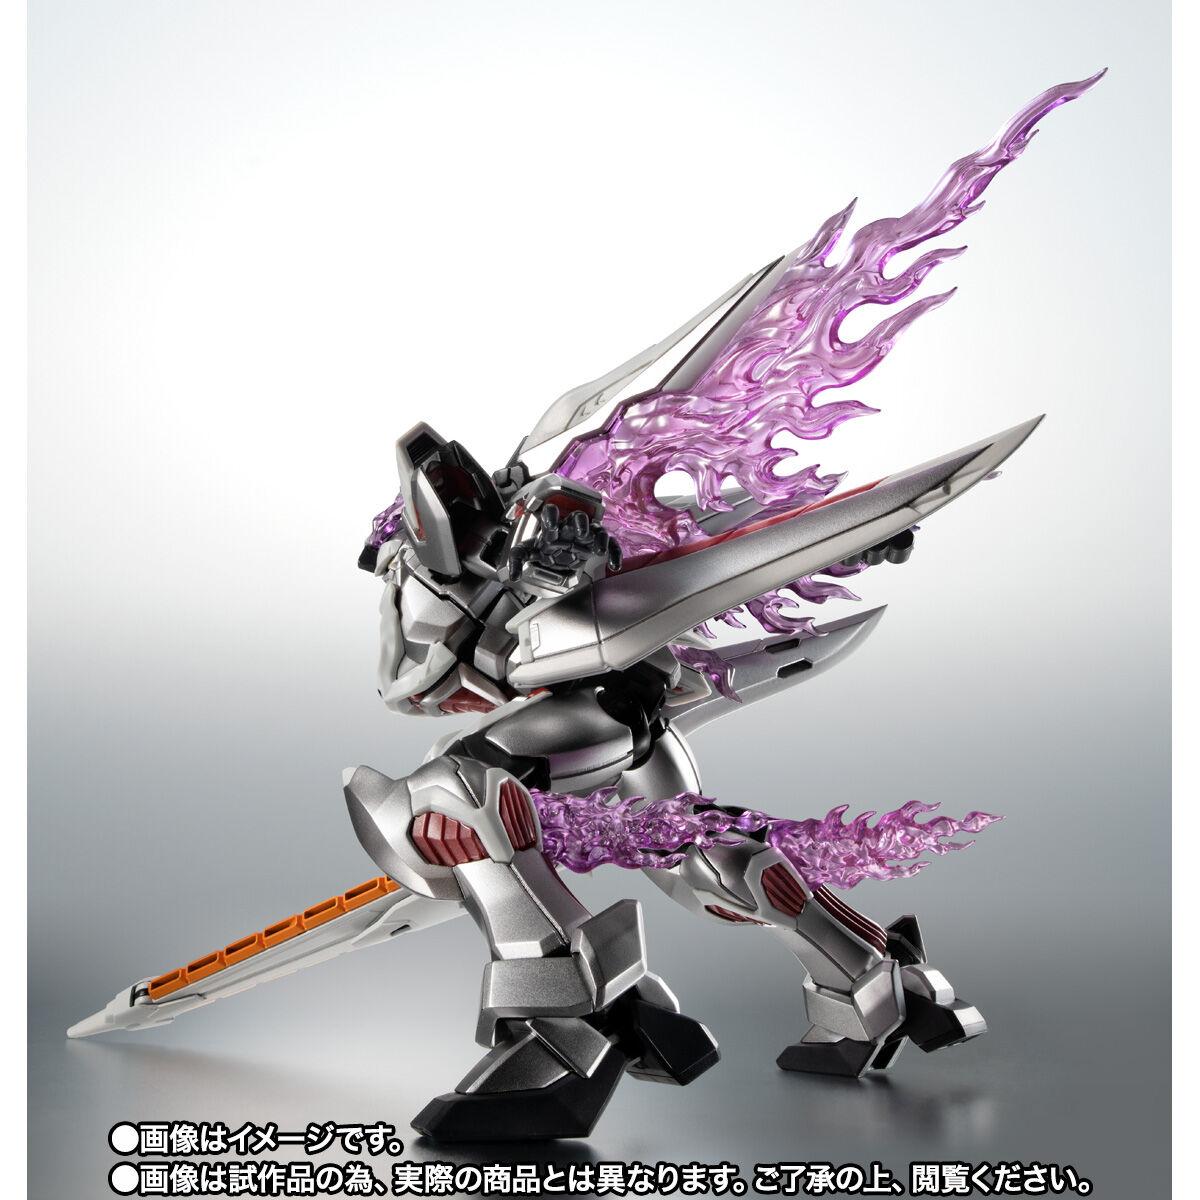 【限定販売】ROBOT魂〈SIDE MS〉『ゴーストガンダム』クロスボーン・ガンダム 可動フィギュア-004